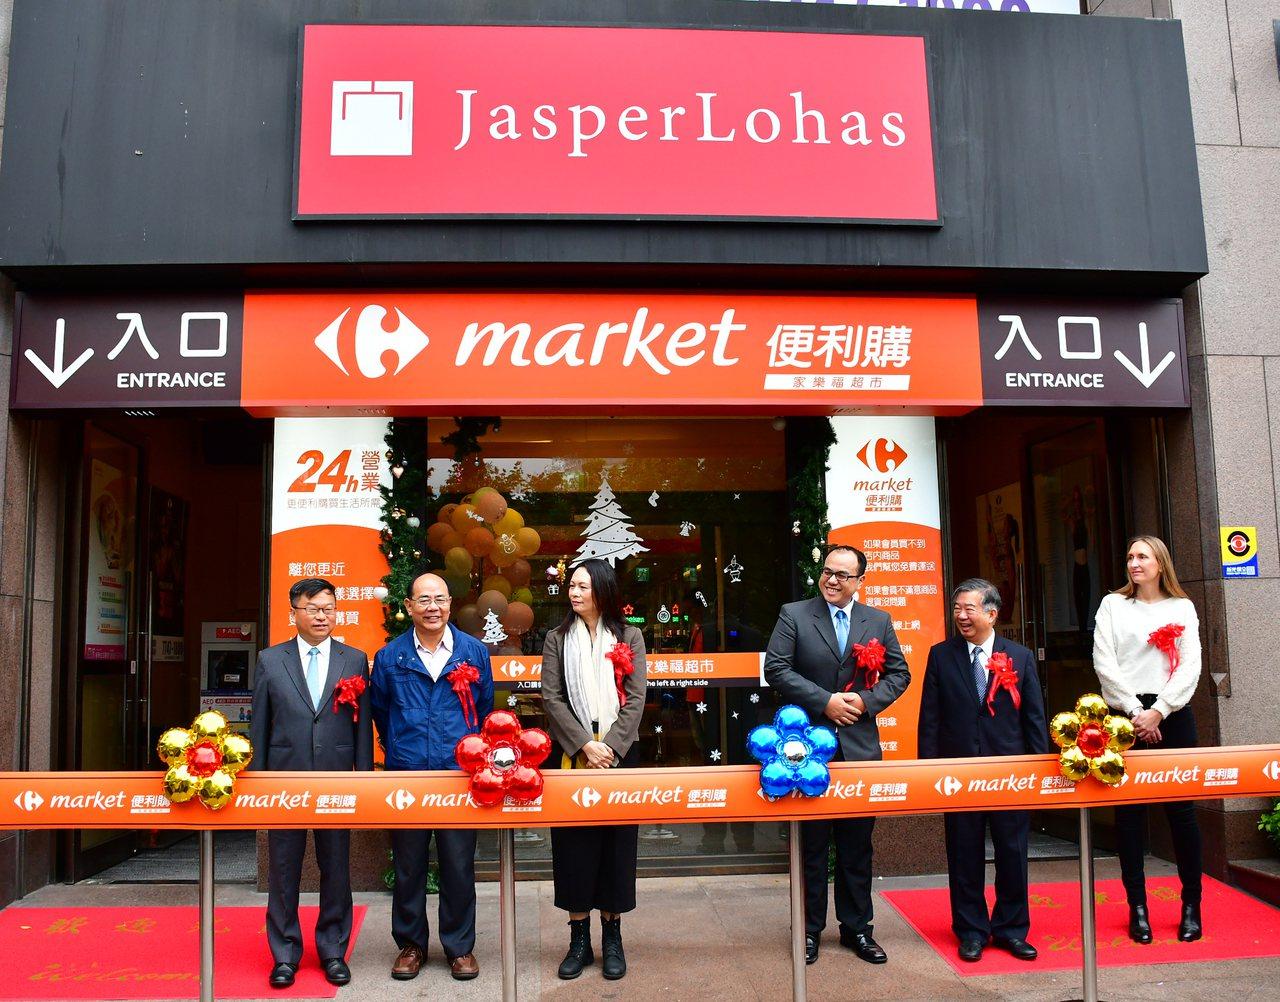 家樂福便利購進駐天母新光傑仕堡,11月24日盛大開幕。 圖/業者提供